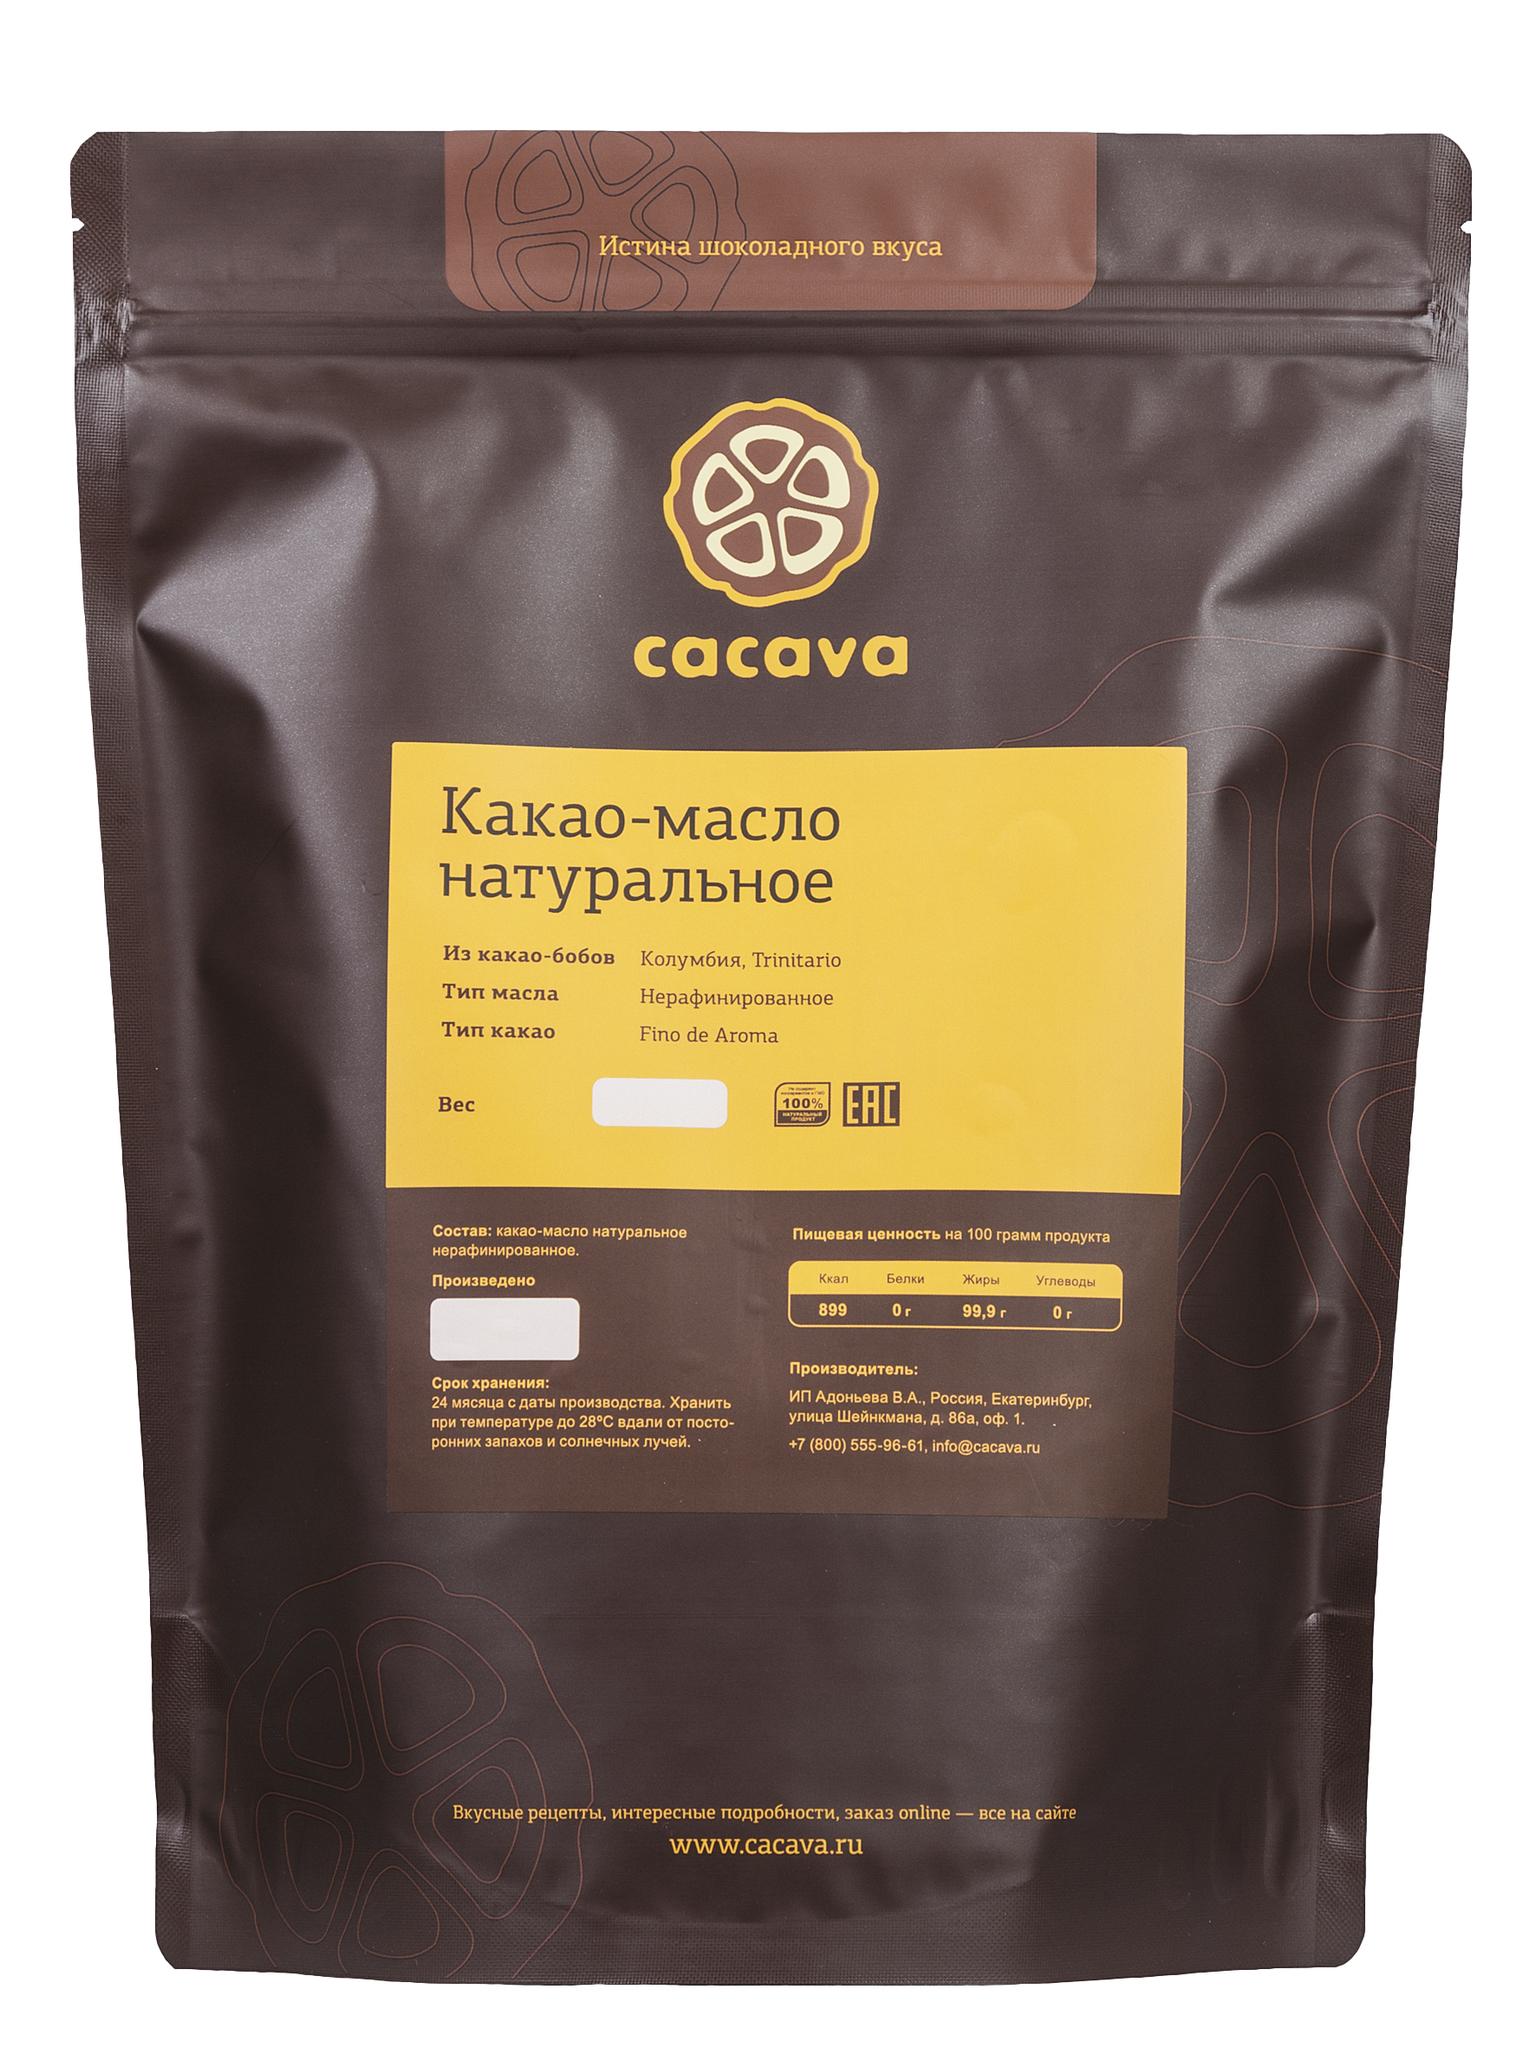 Какао-масло натуральное нерафинированное (Колумбия), упаковка 1 кг